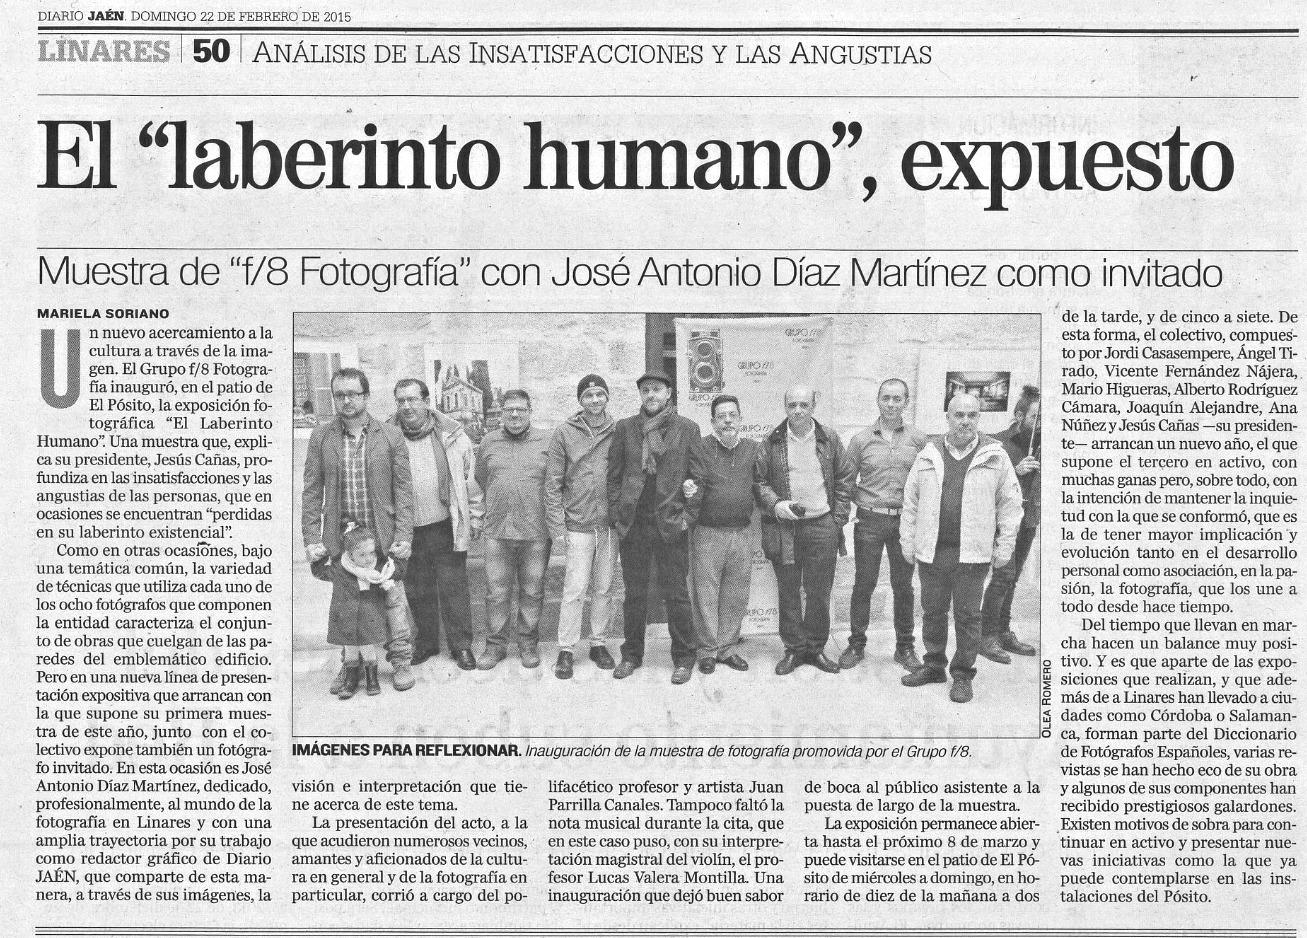 """Diario Jaén - """"El laberinto humano"""""""